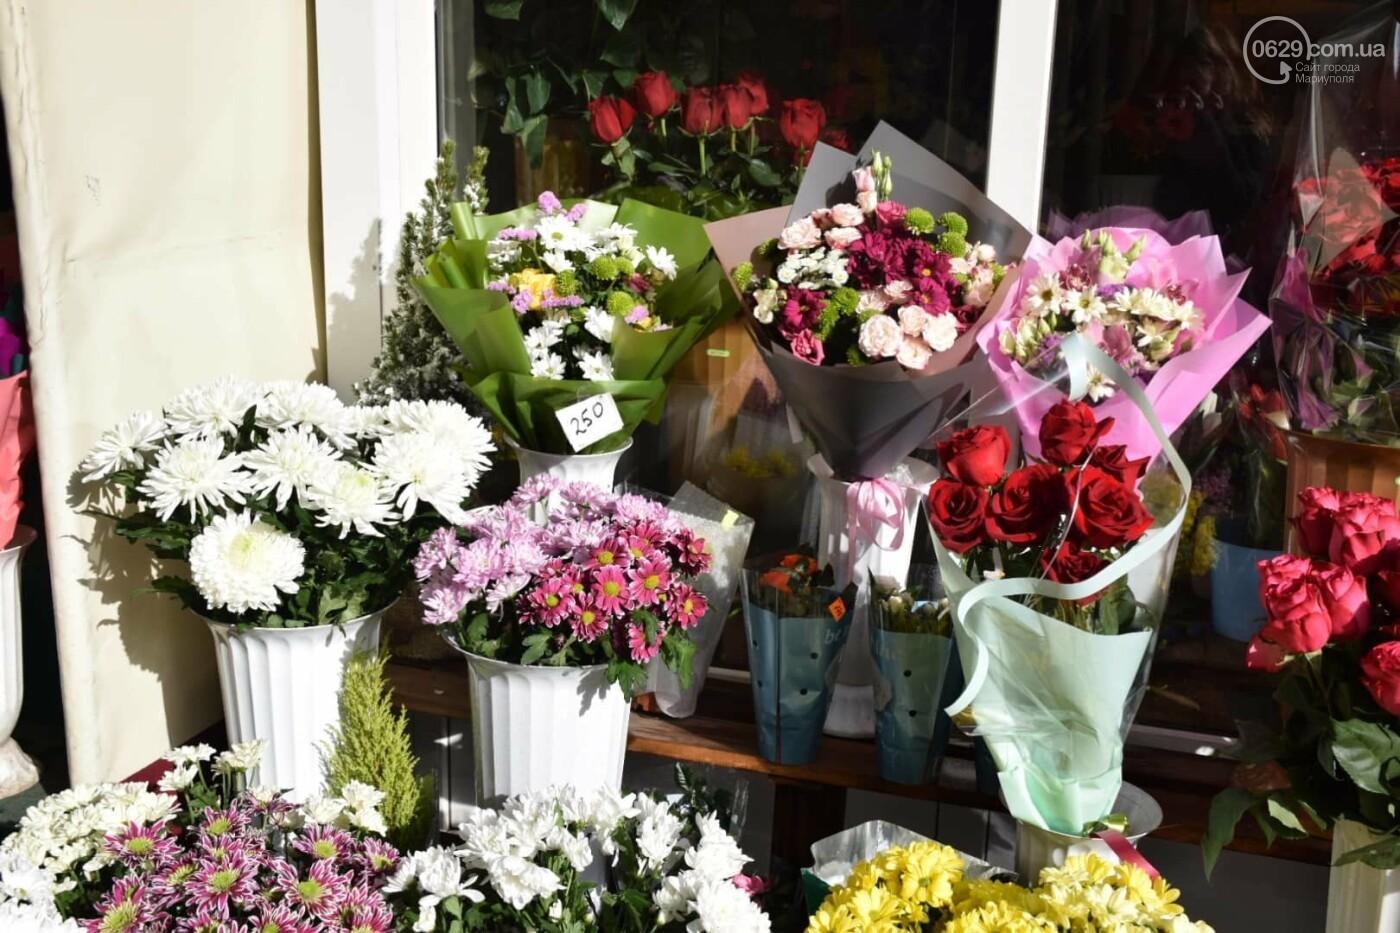 День Святого Валентина в Мариуполе: цветы, шары и мужчины-романтики, - ФОТОРЕПОРТАЖ, фото-6